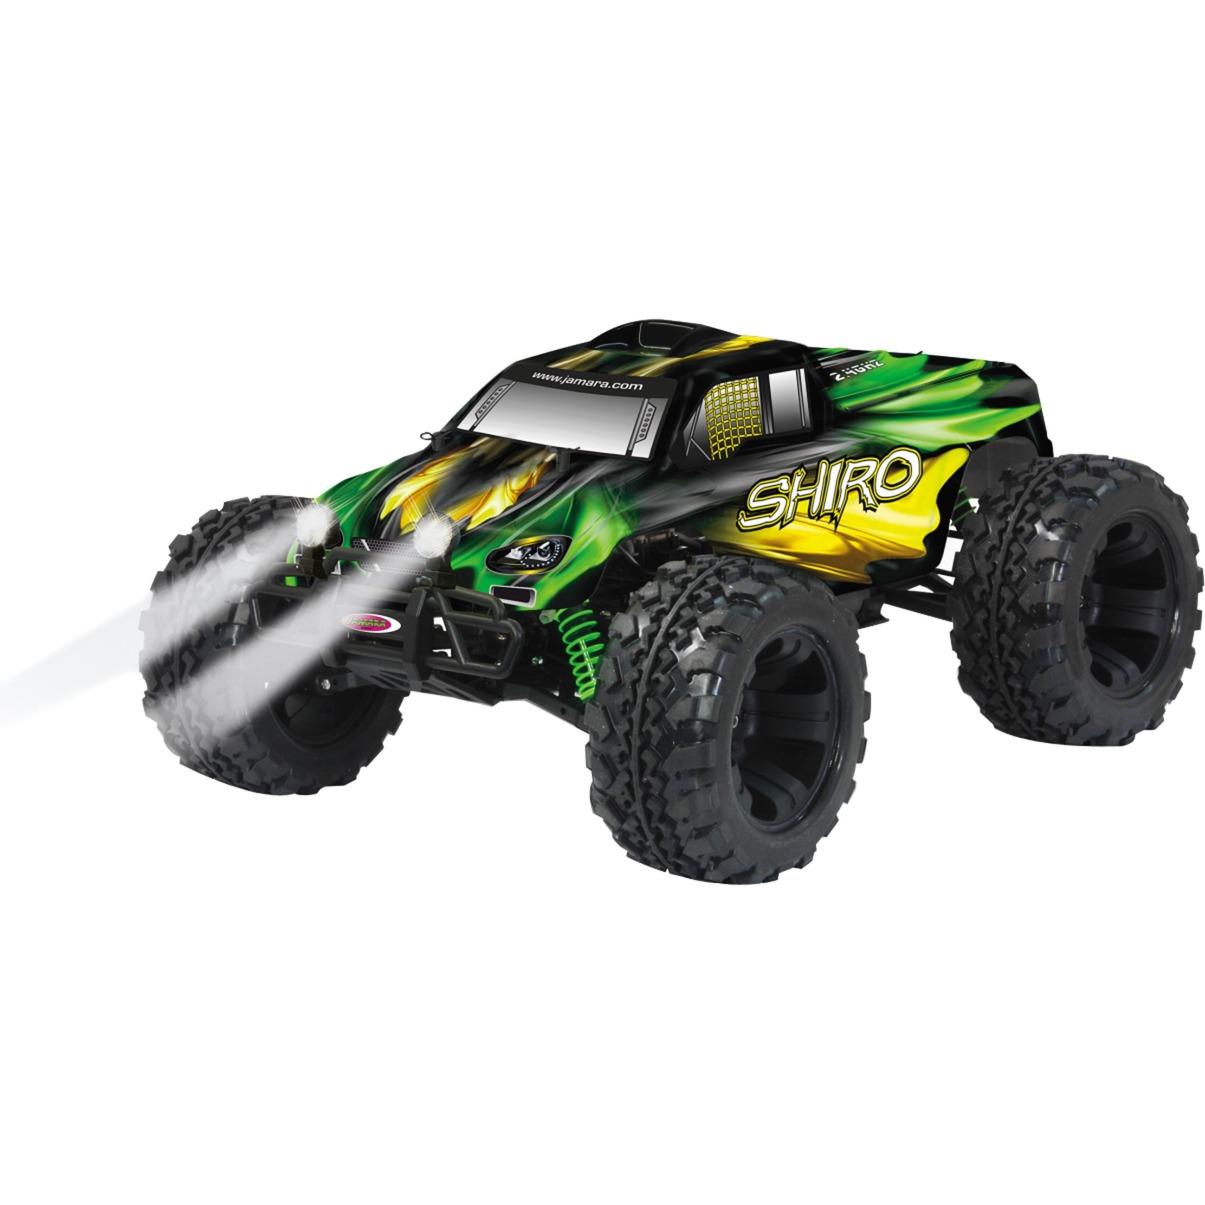 053367 Monster truck Motor eléctrico 1:10 vehículo de tierra por radio control (RC), Radiocontrol